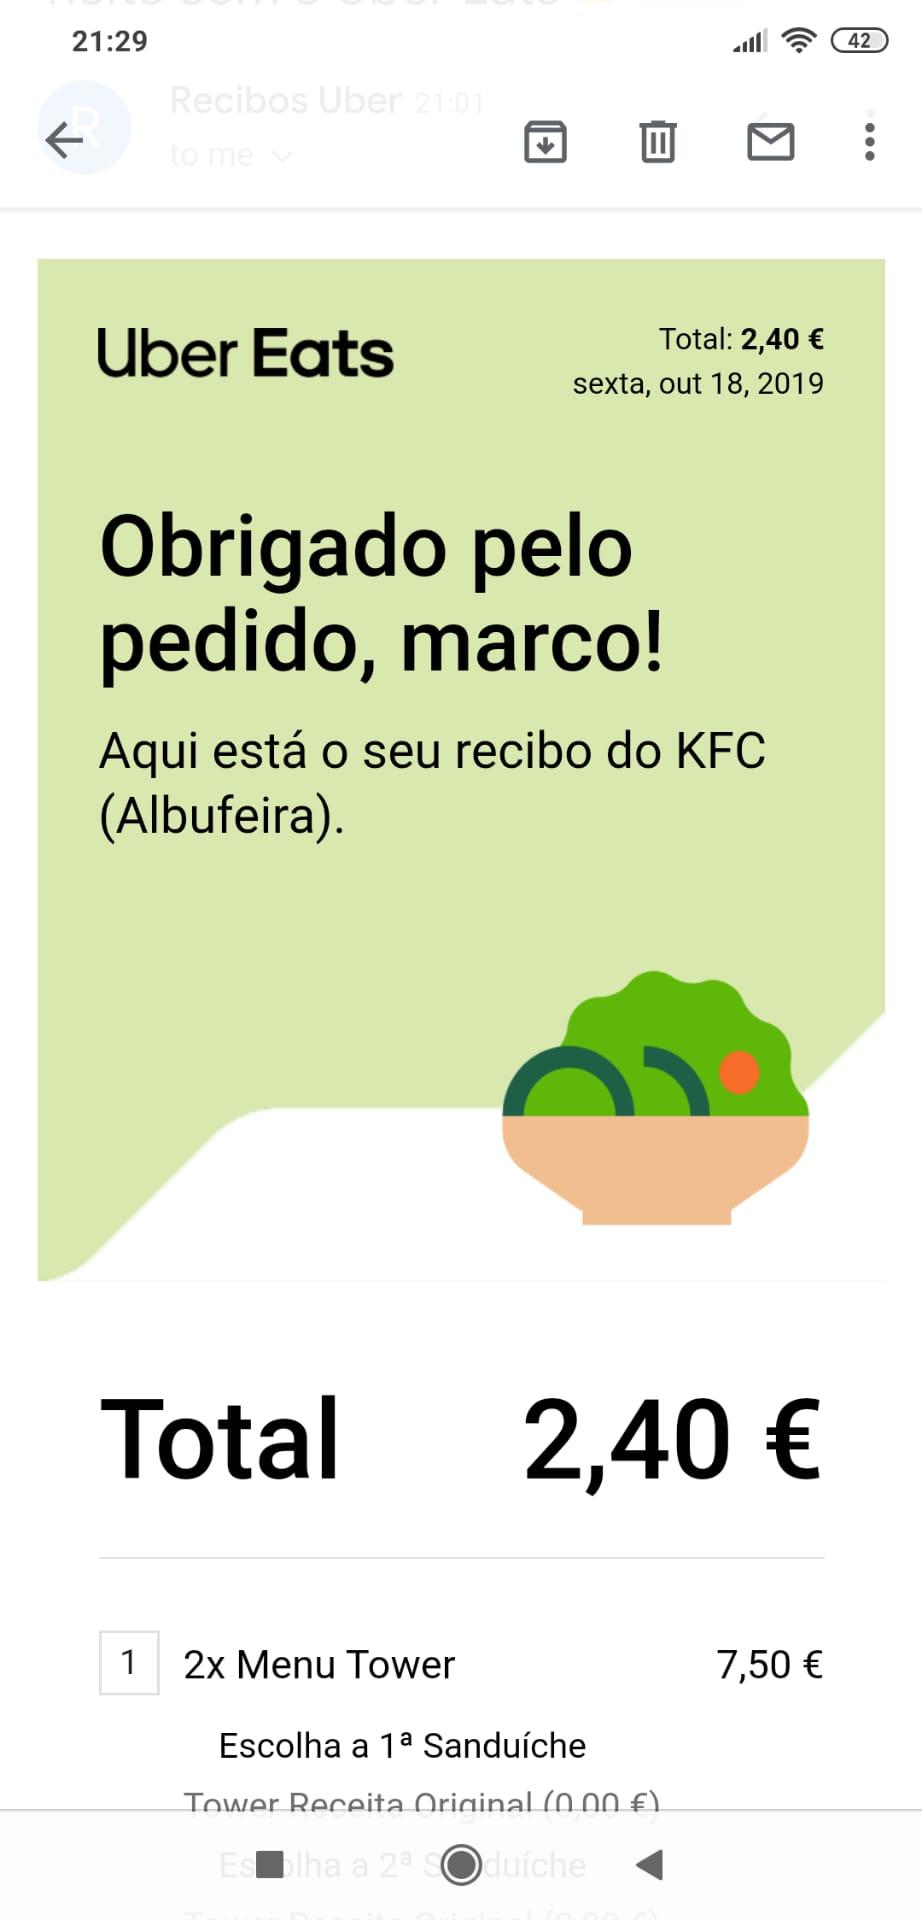 OPORTUNIDADE [Provado]  Receba 8€ UBER EATS totalmente gratis Whatsa12